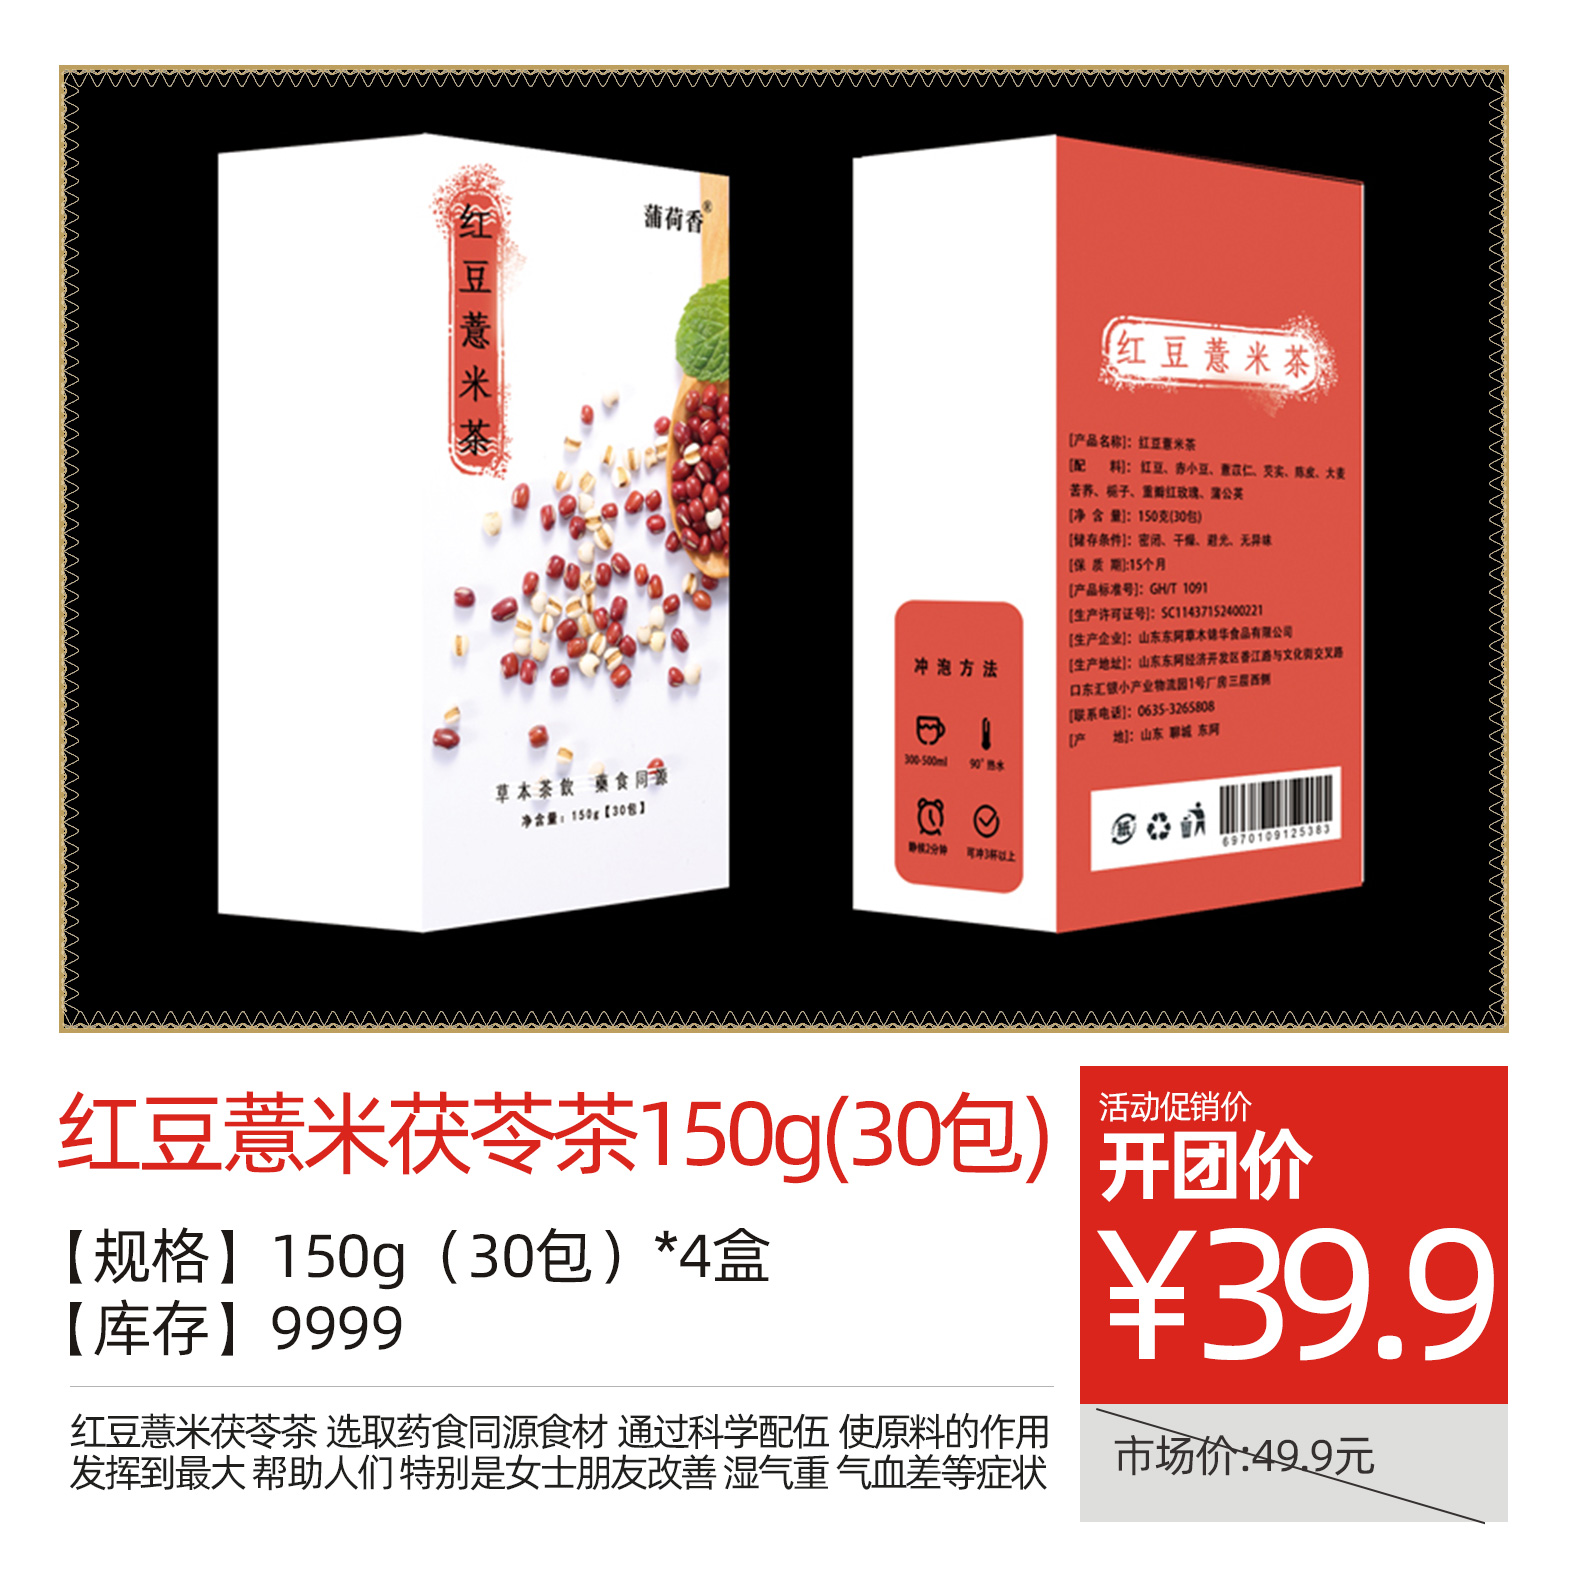 红豆薏米茯苓茶150g(30包)